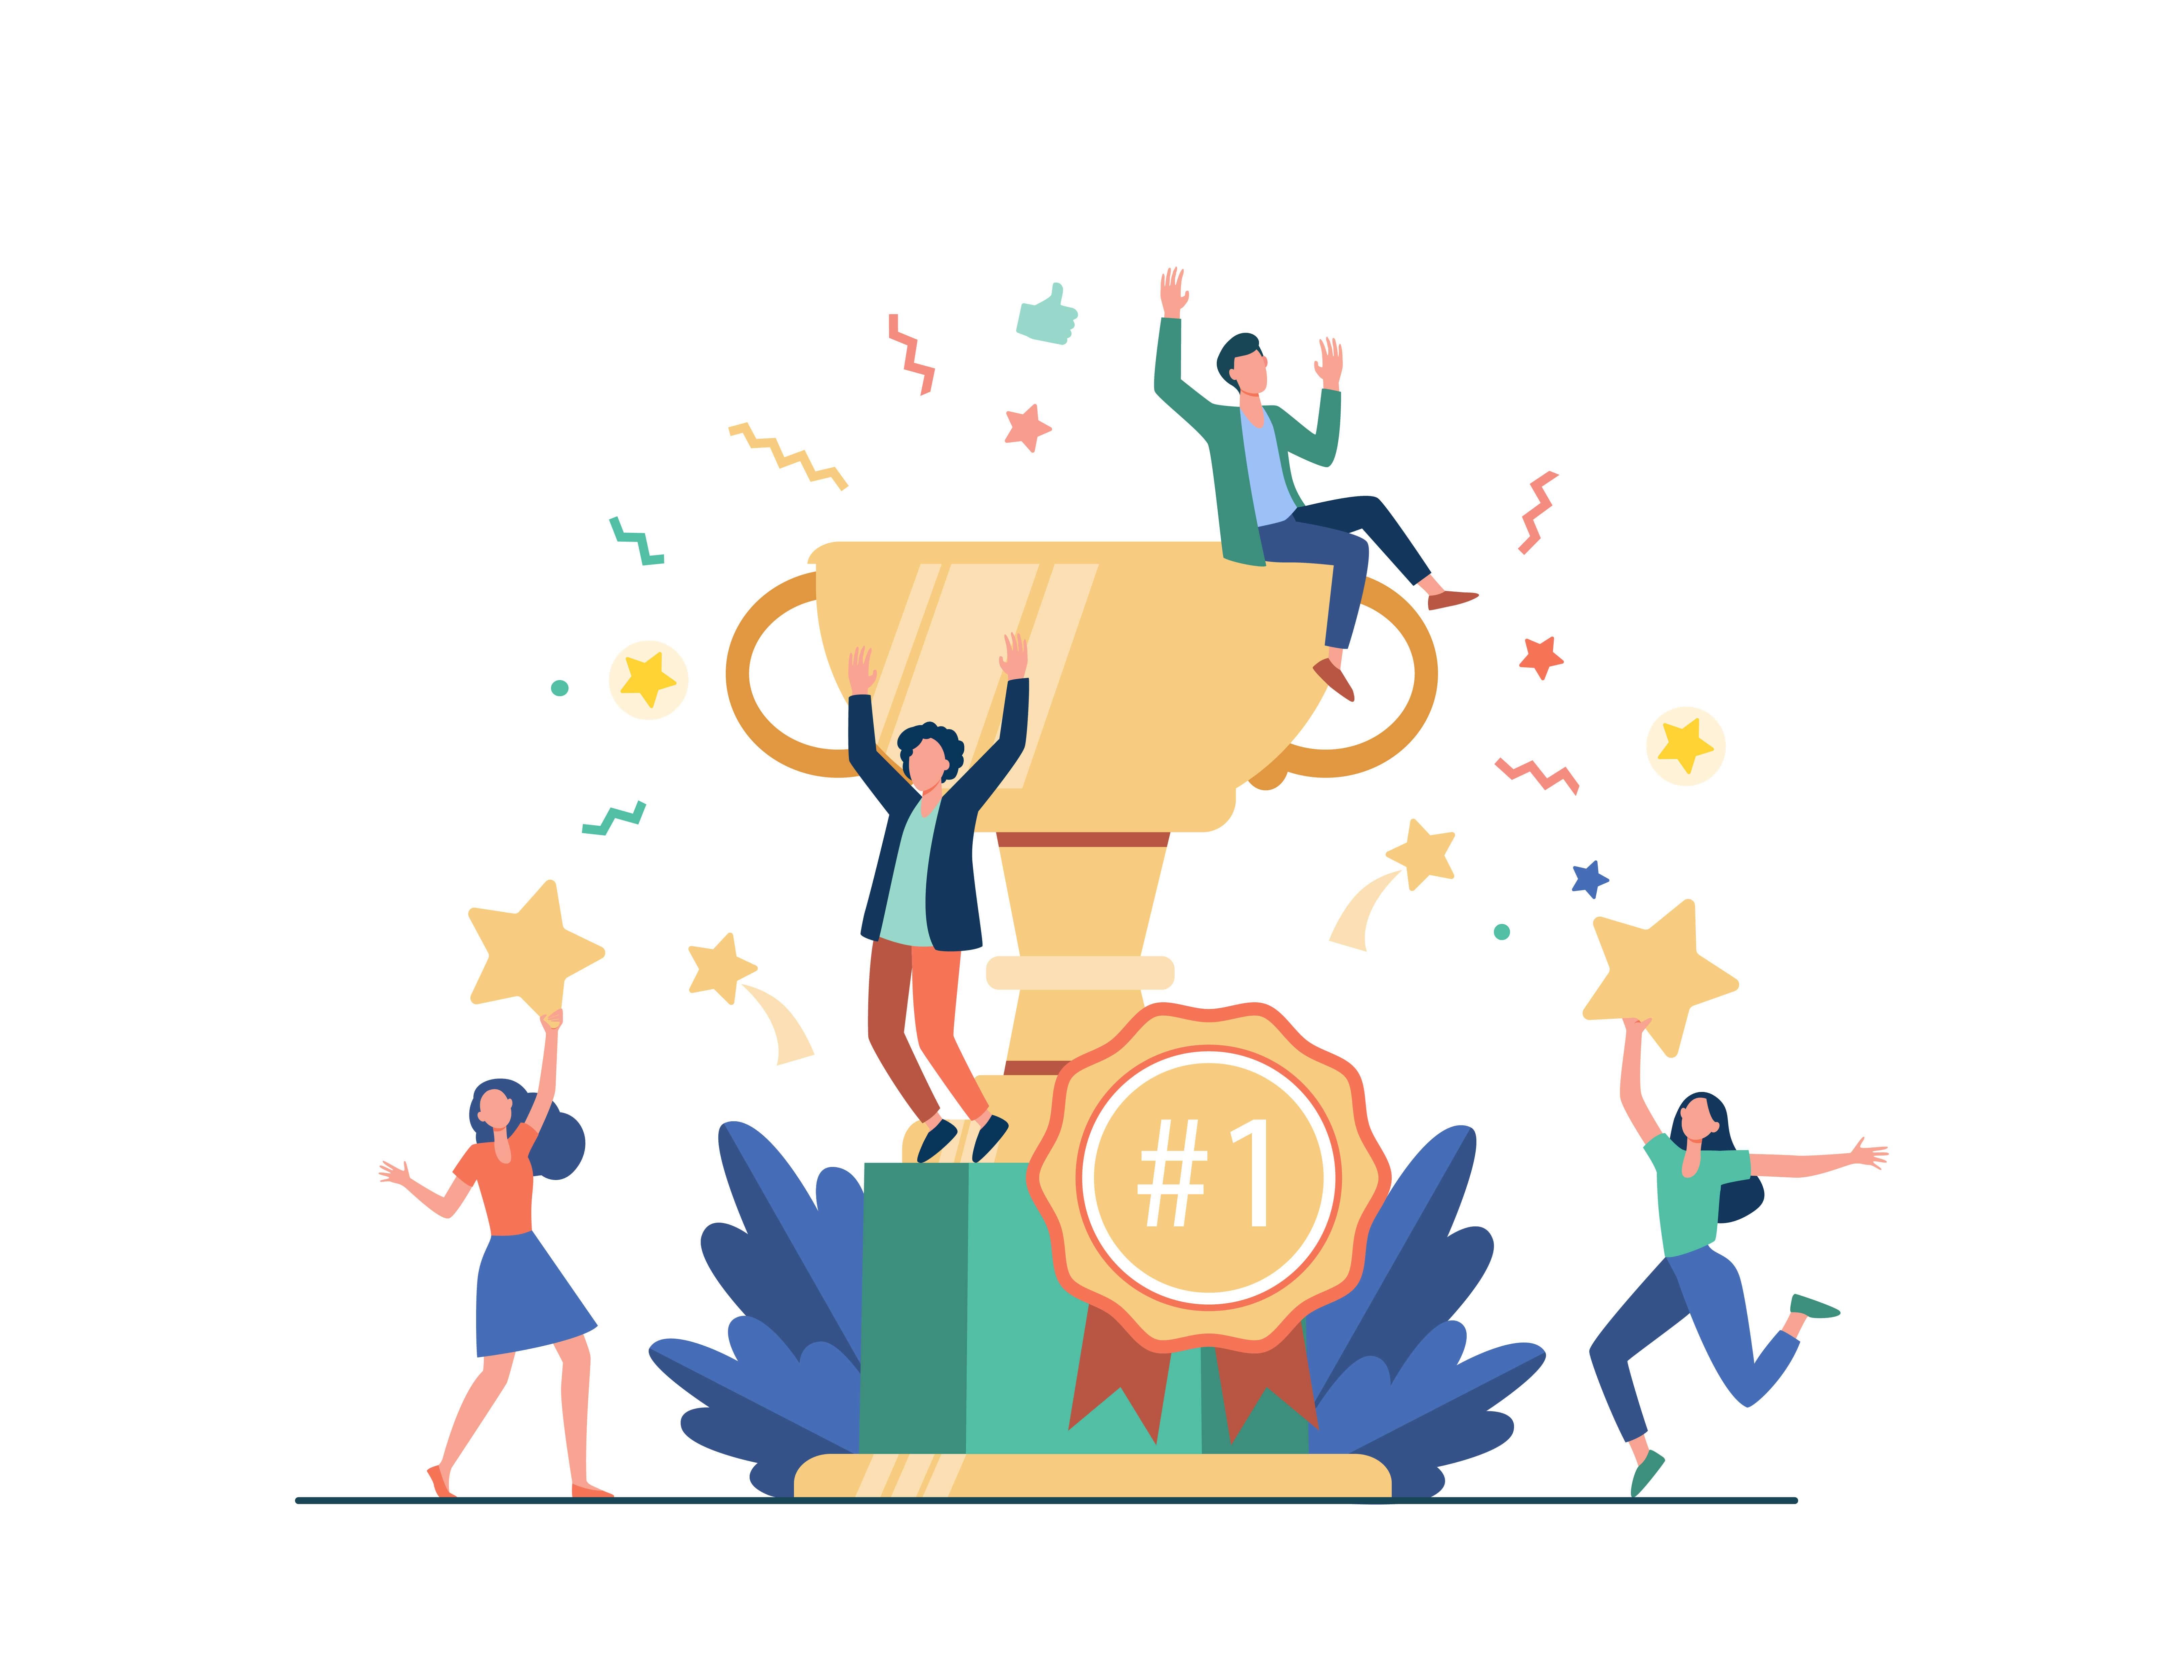 Melhores Professores de Raciocínio Lógico para Concursos (Ranking 2021)